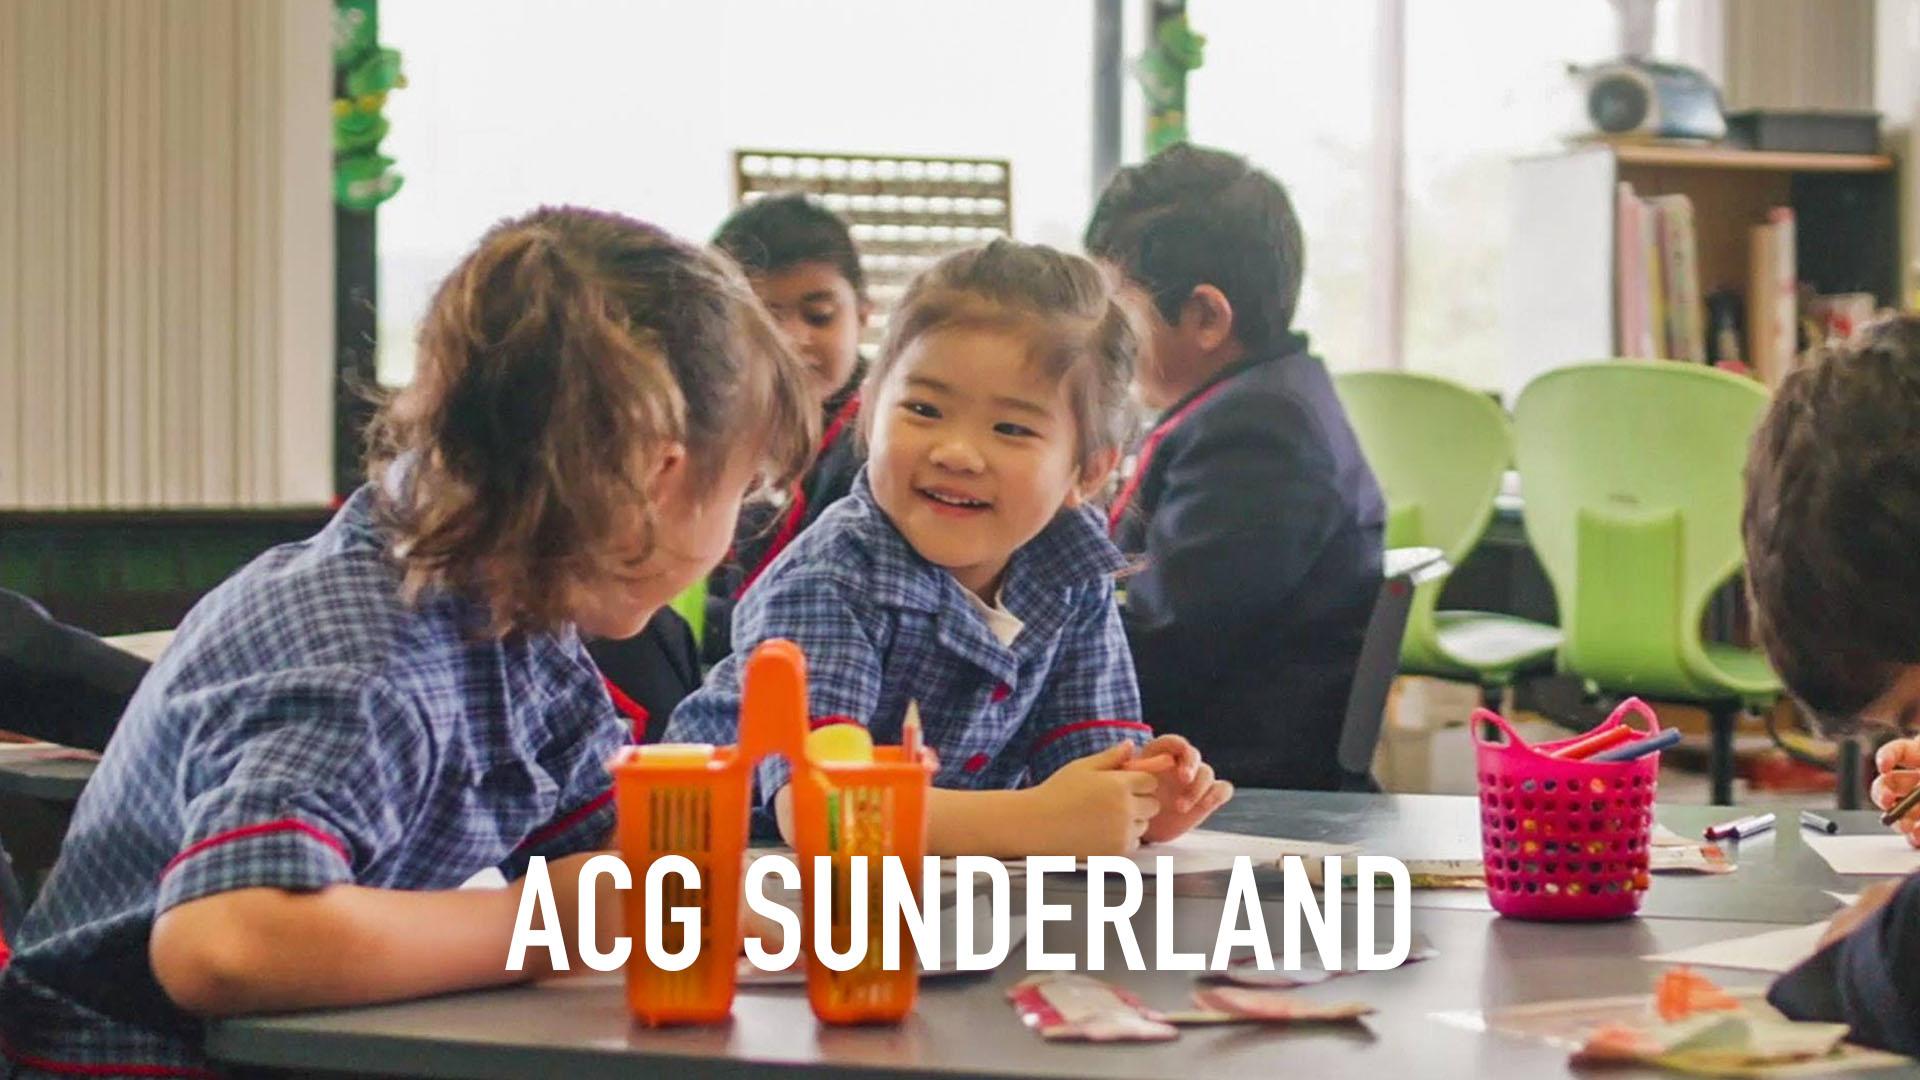 ACG Sunderland.jpg